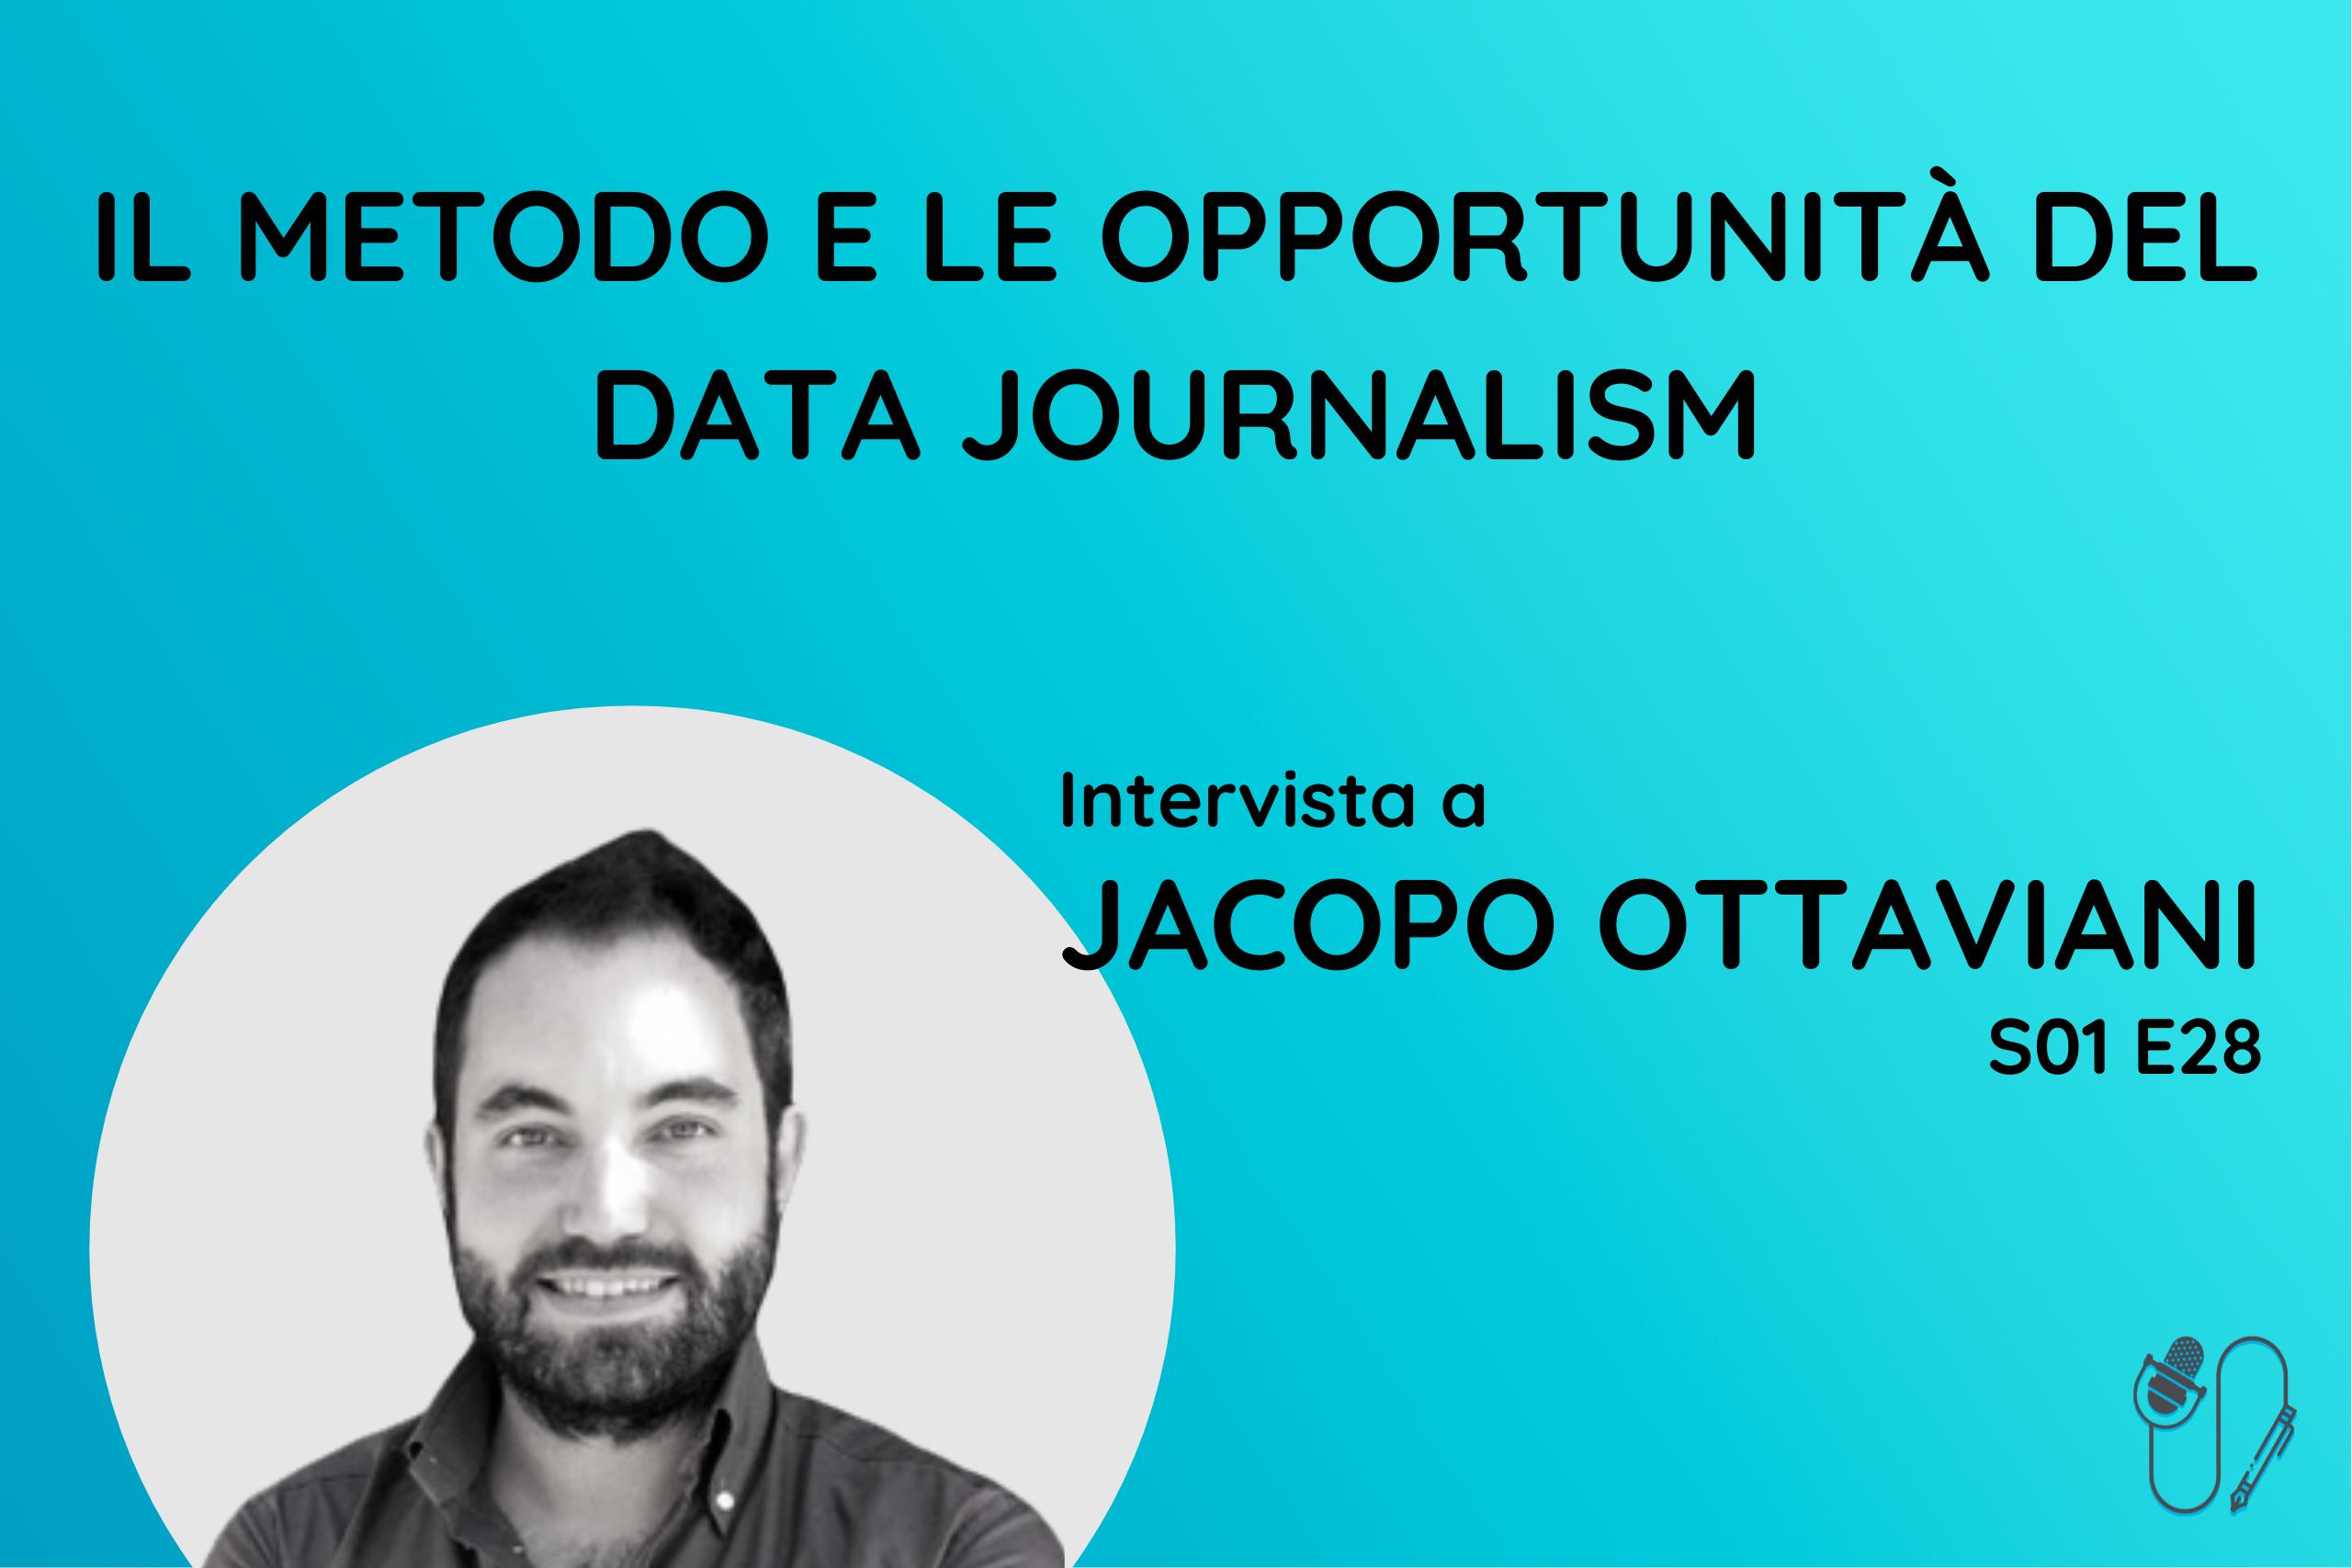 Jacopo Ottaviani